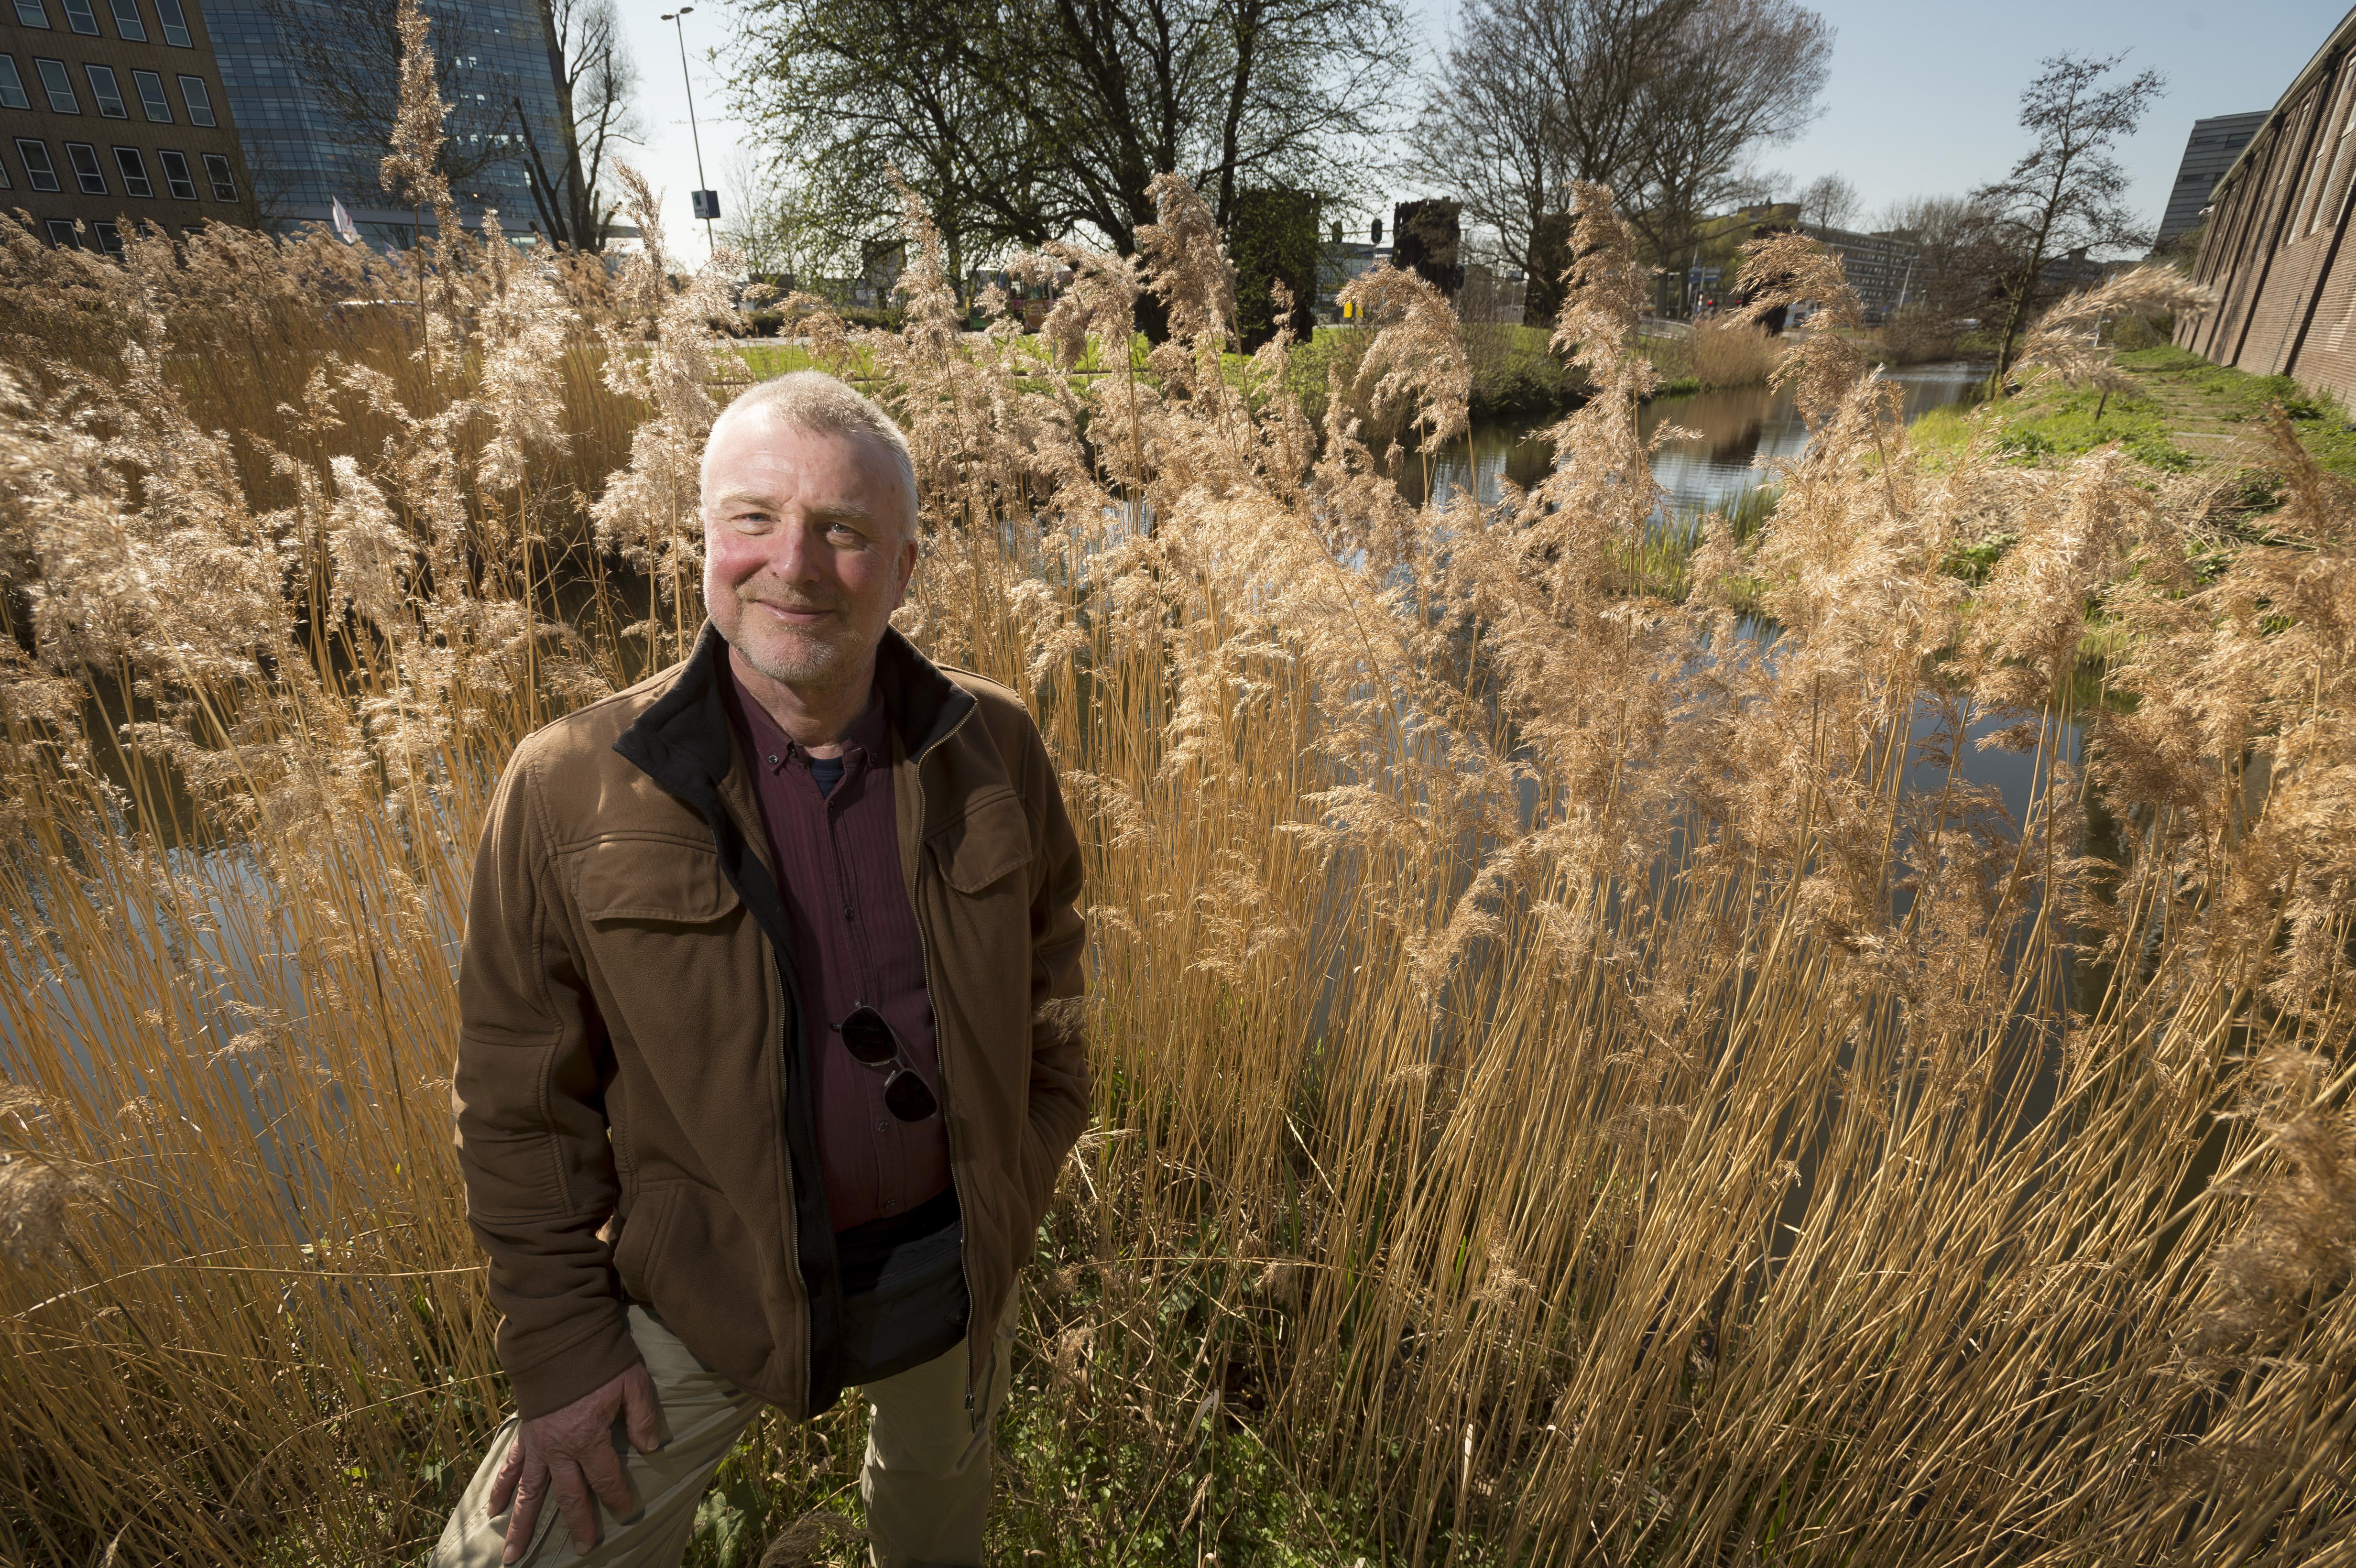 Bioloog Marco Roos: 'Biodiversiteit is niet leuk lief en aardig, maar jeukt en kriebelt'